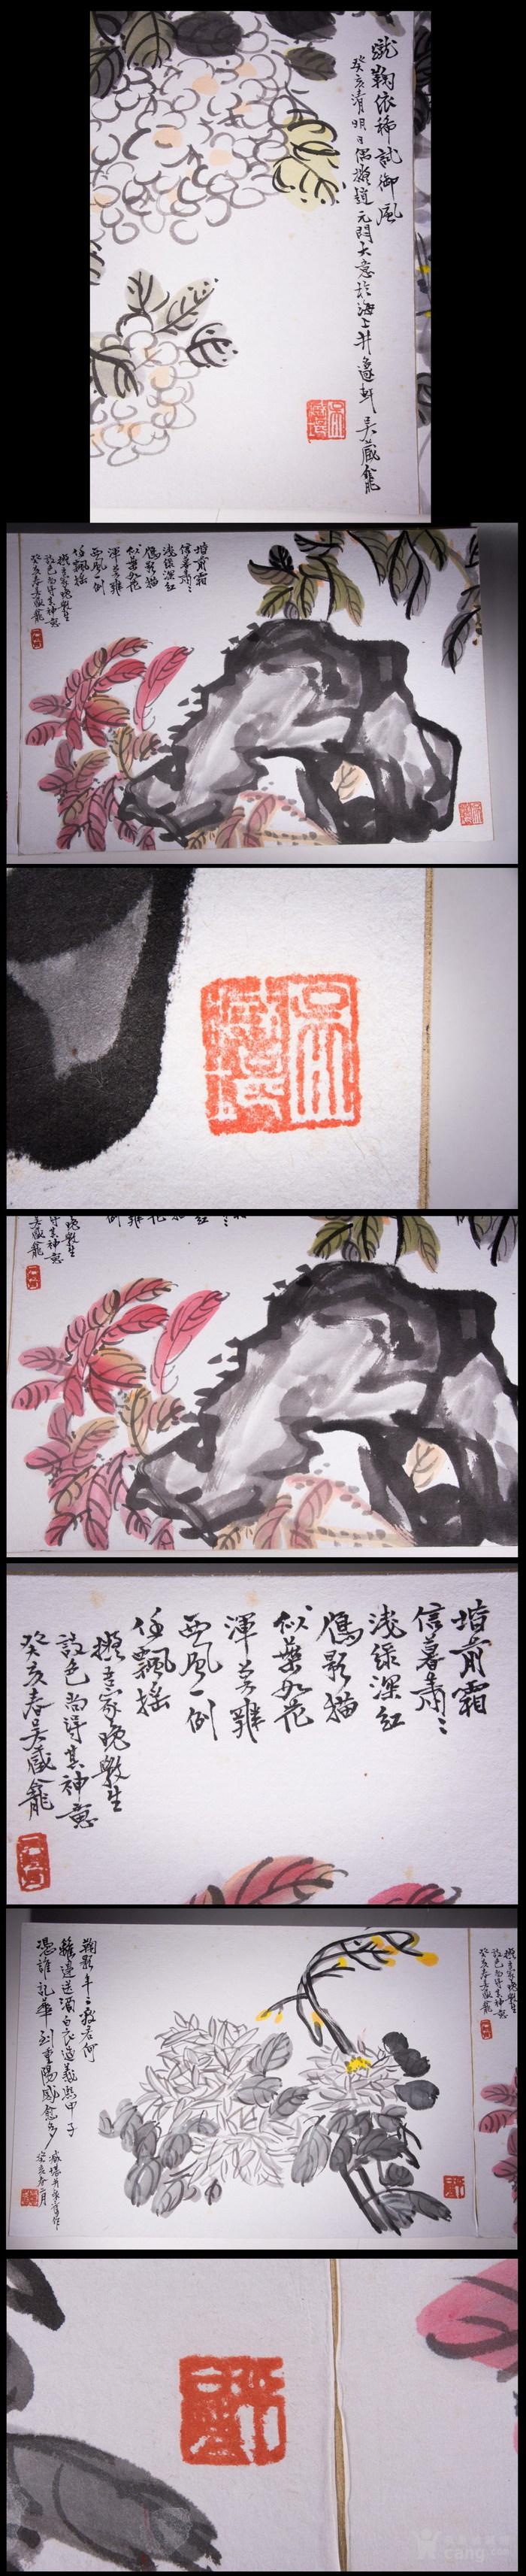 民国--吴昌硕之子--吴藏龛-《画树长春册》图5